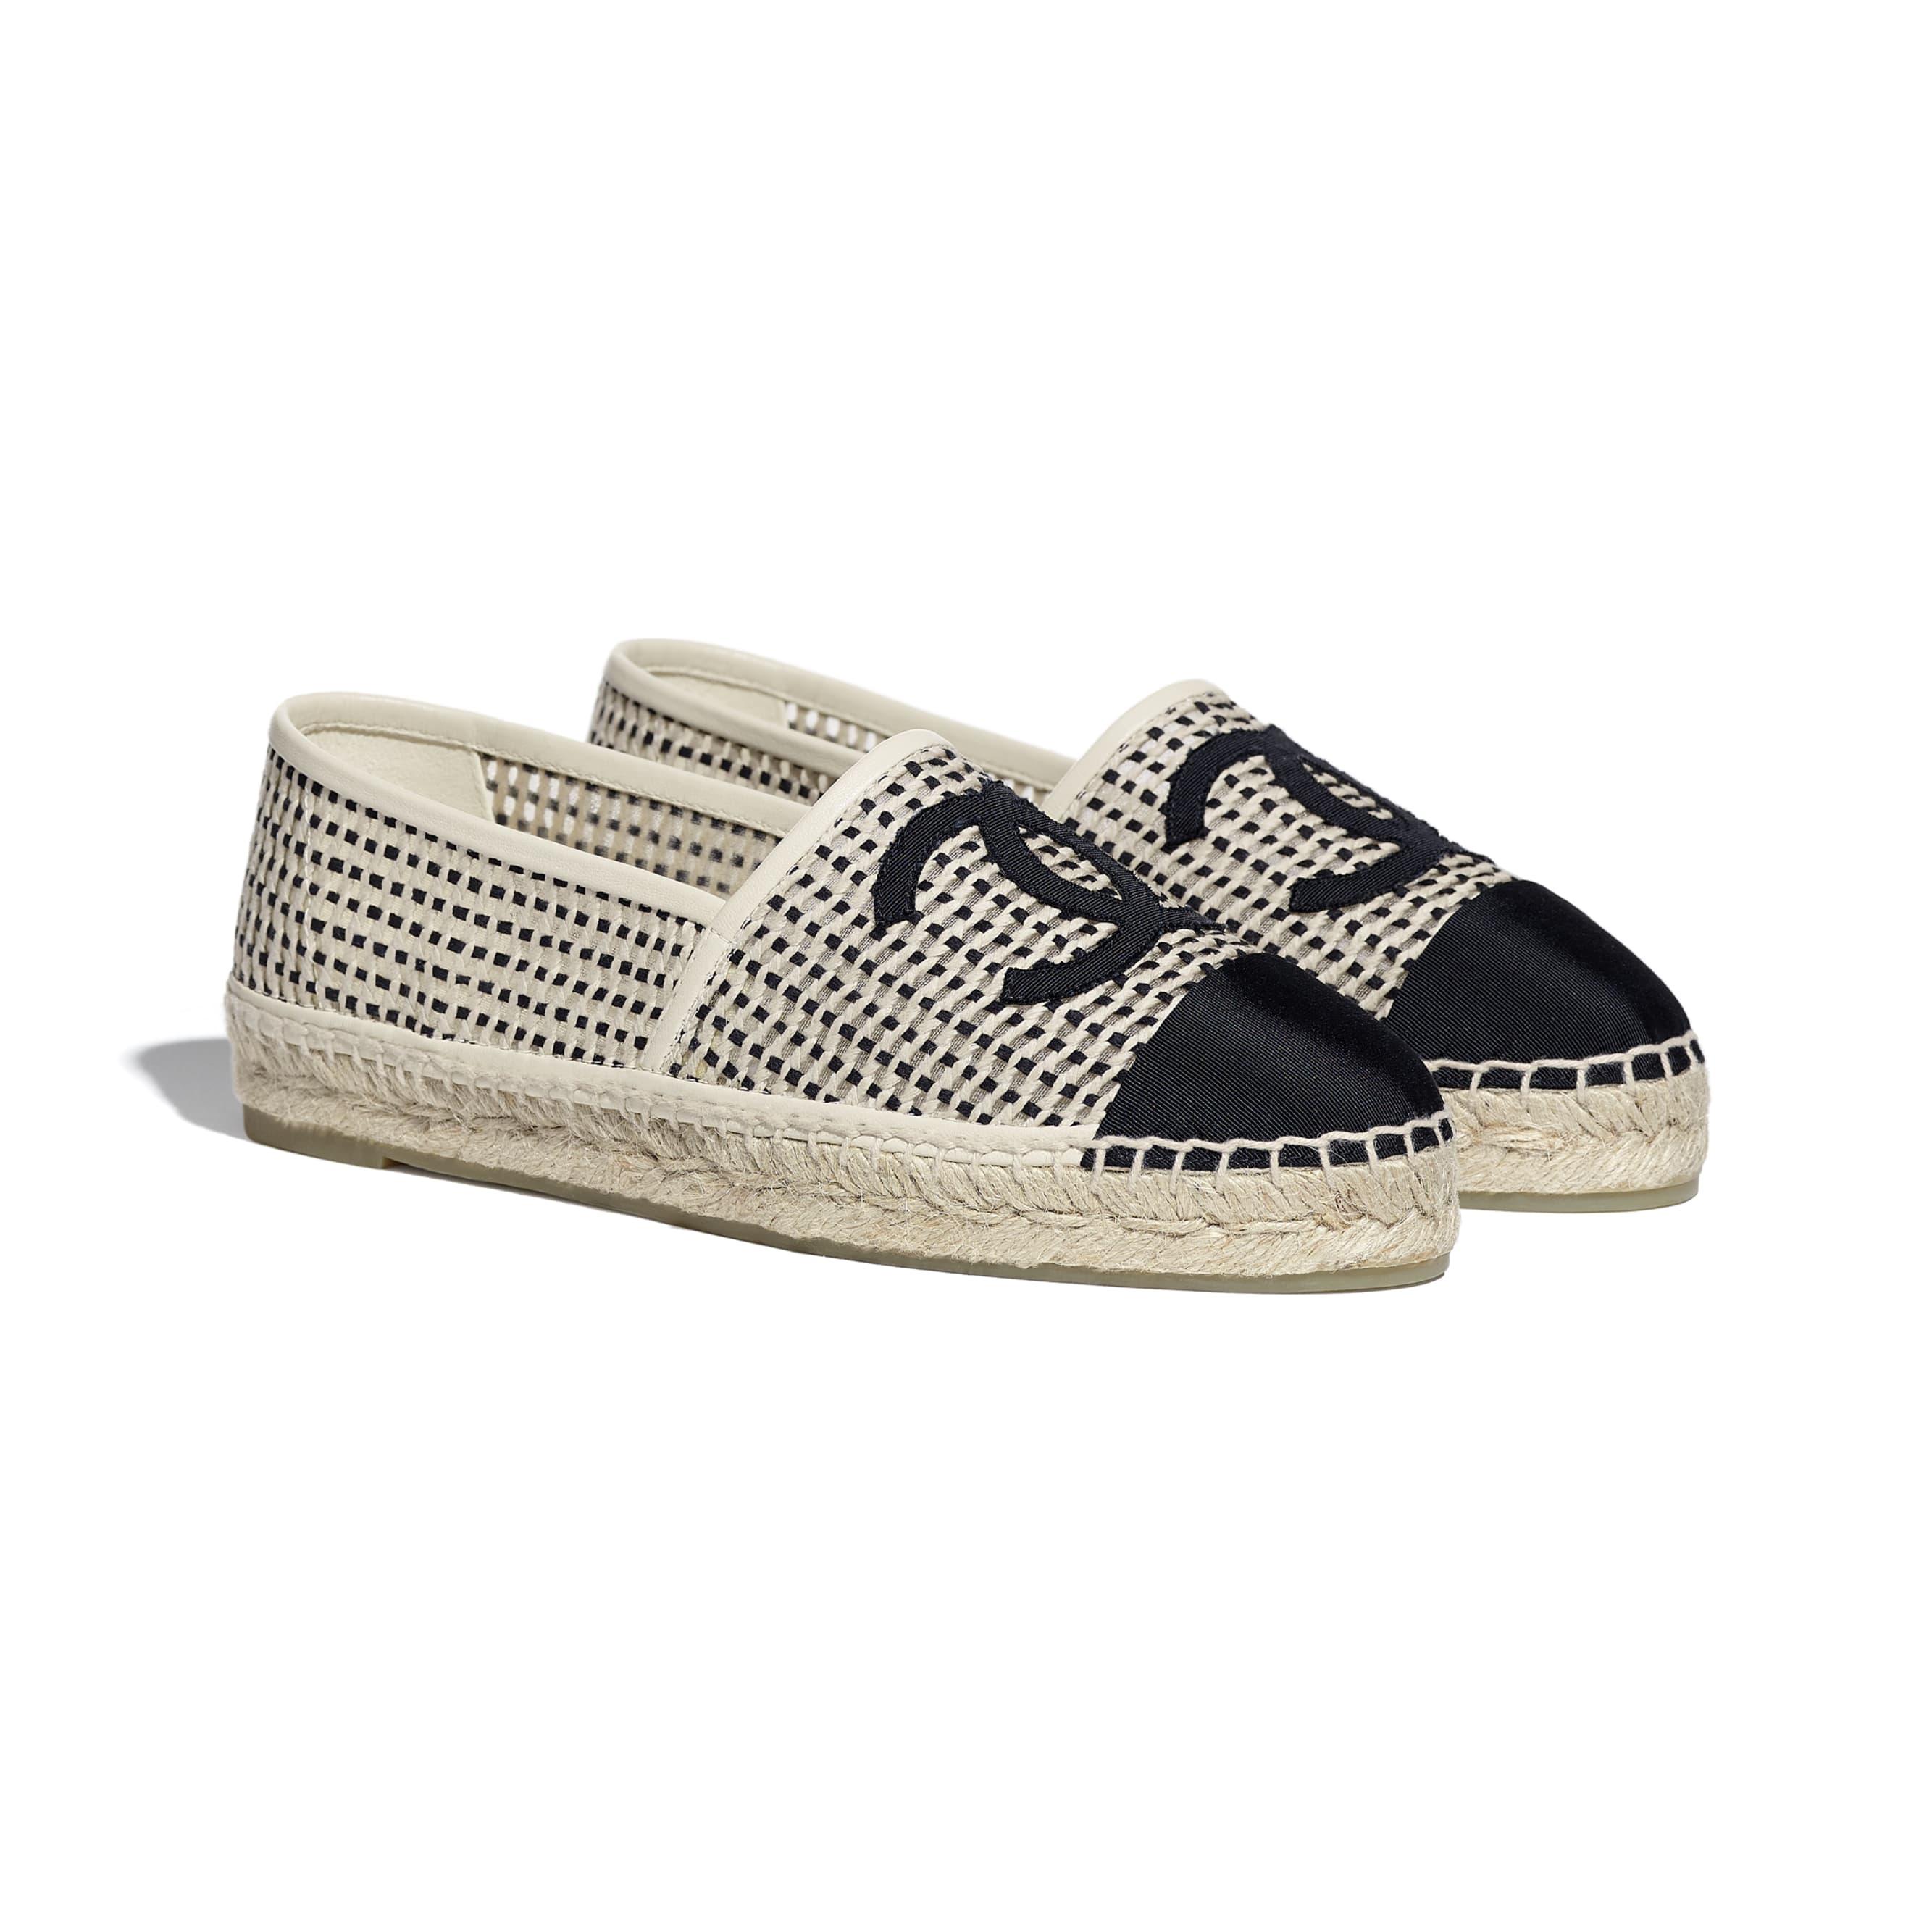 รองเท้าเอสพาดริลล์ - สีเบจและสีดำ - ผ้าตาข่ายและผ้าโกรเกรน - CHANEL - มุมมองทางอื่น - ดูเวอร์ชันขนาดมาตรฐาน